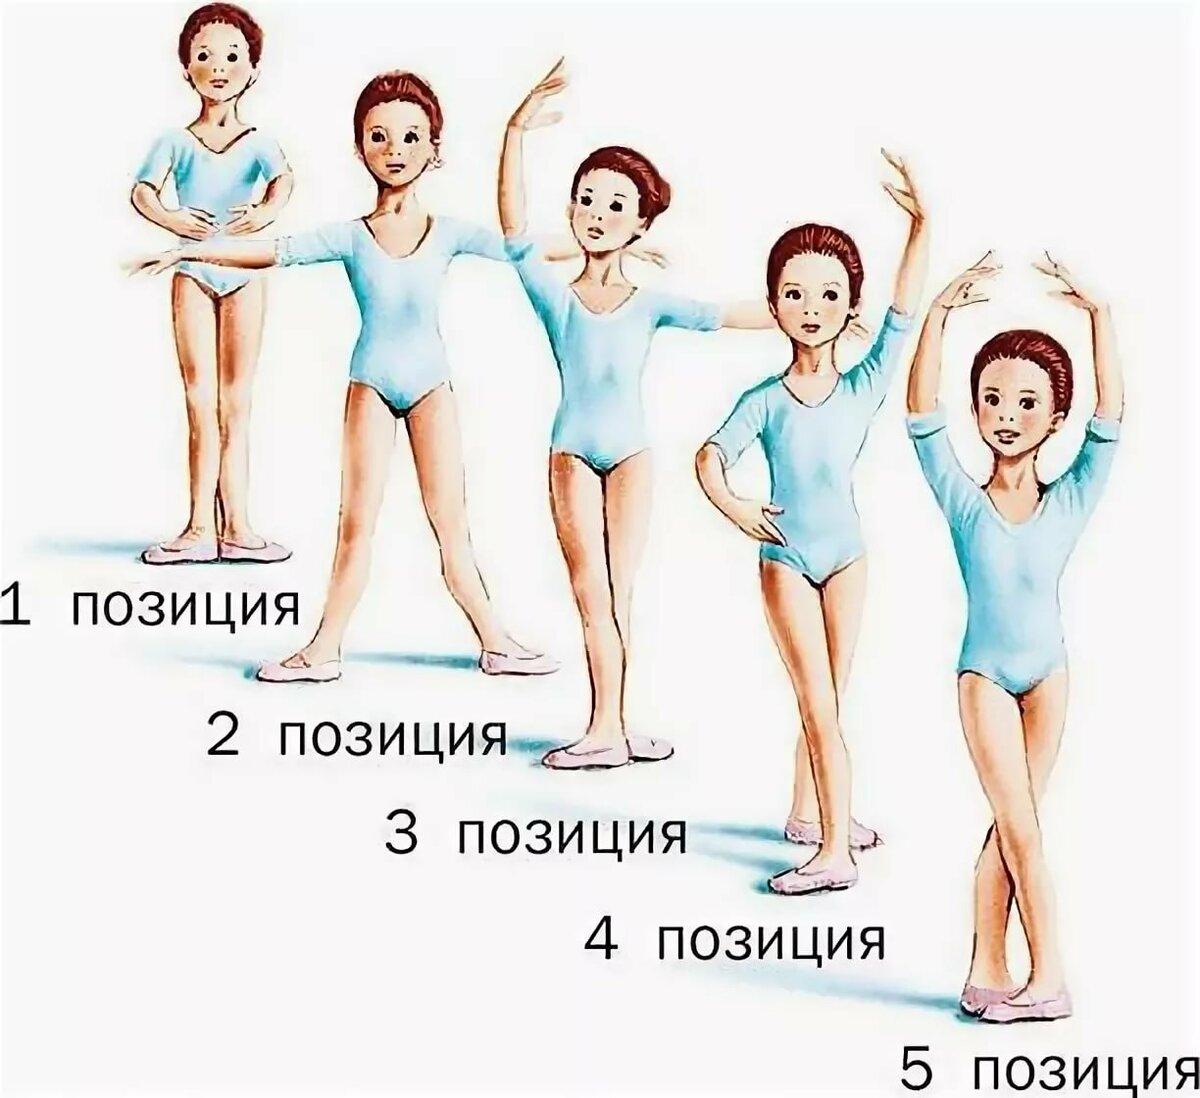 бумагой позиции в балете названия с картинками отключил комментарии под